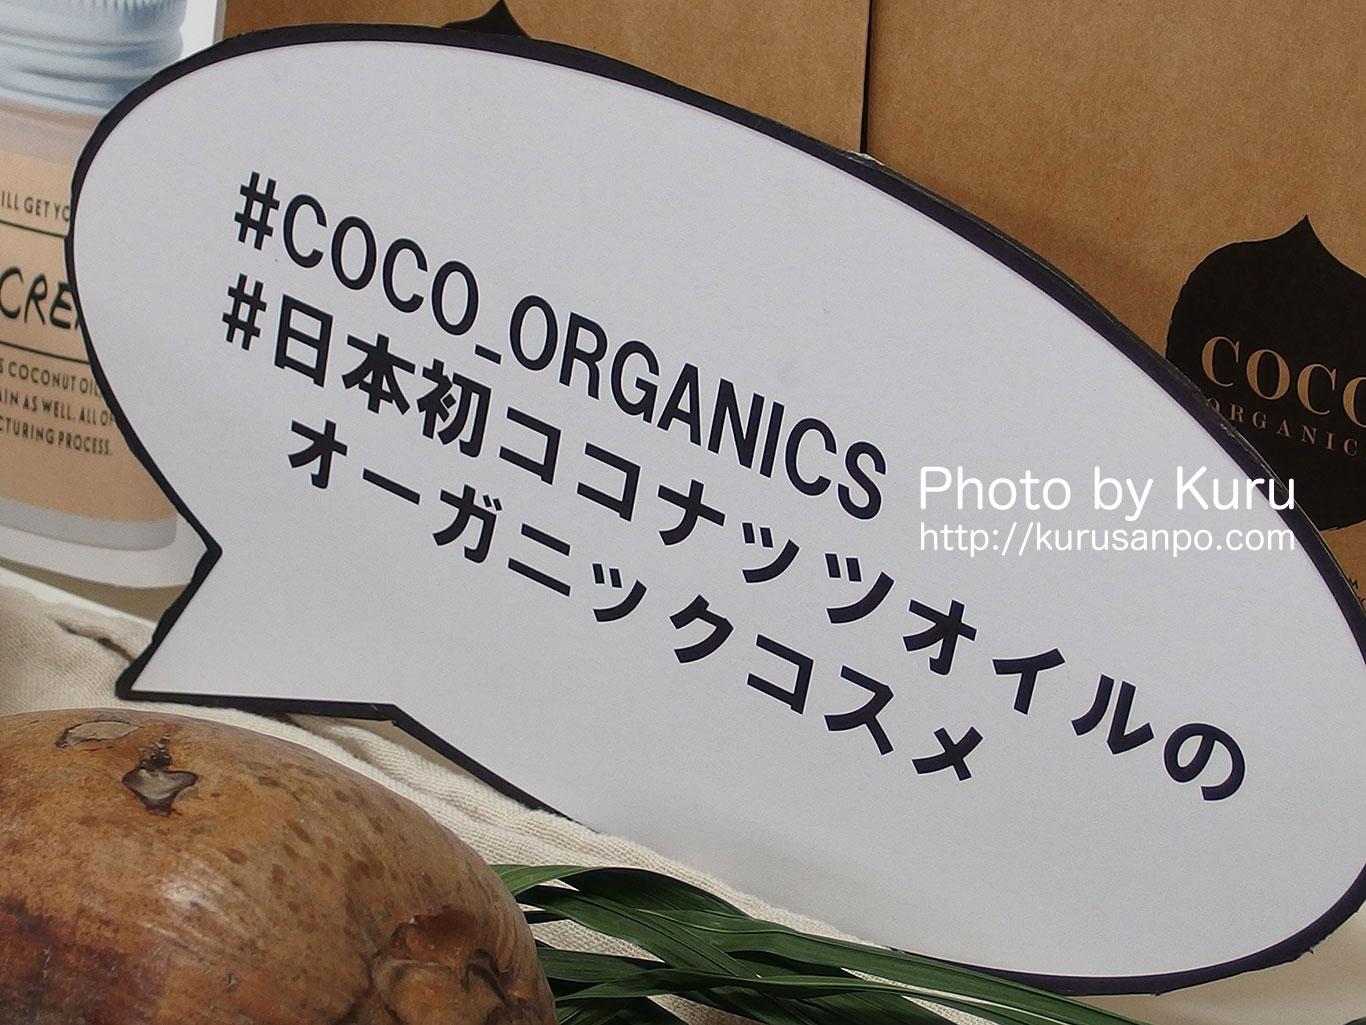 究極のココナッツオイルを使ったスキンケアコスメ『ココオーガニック』を体験してきた♪